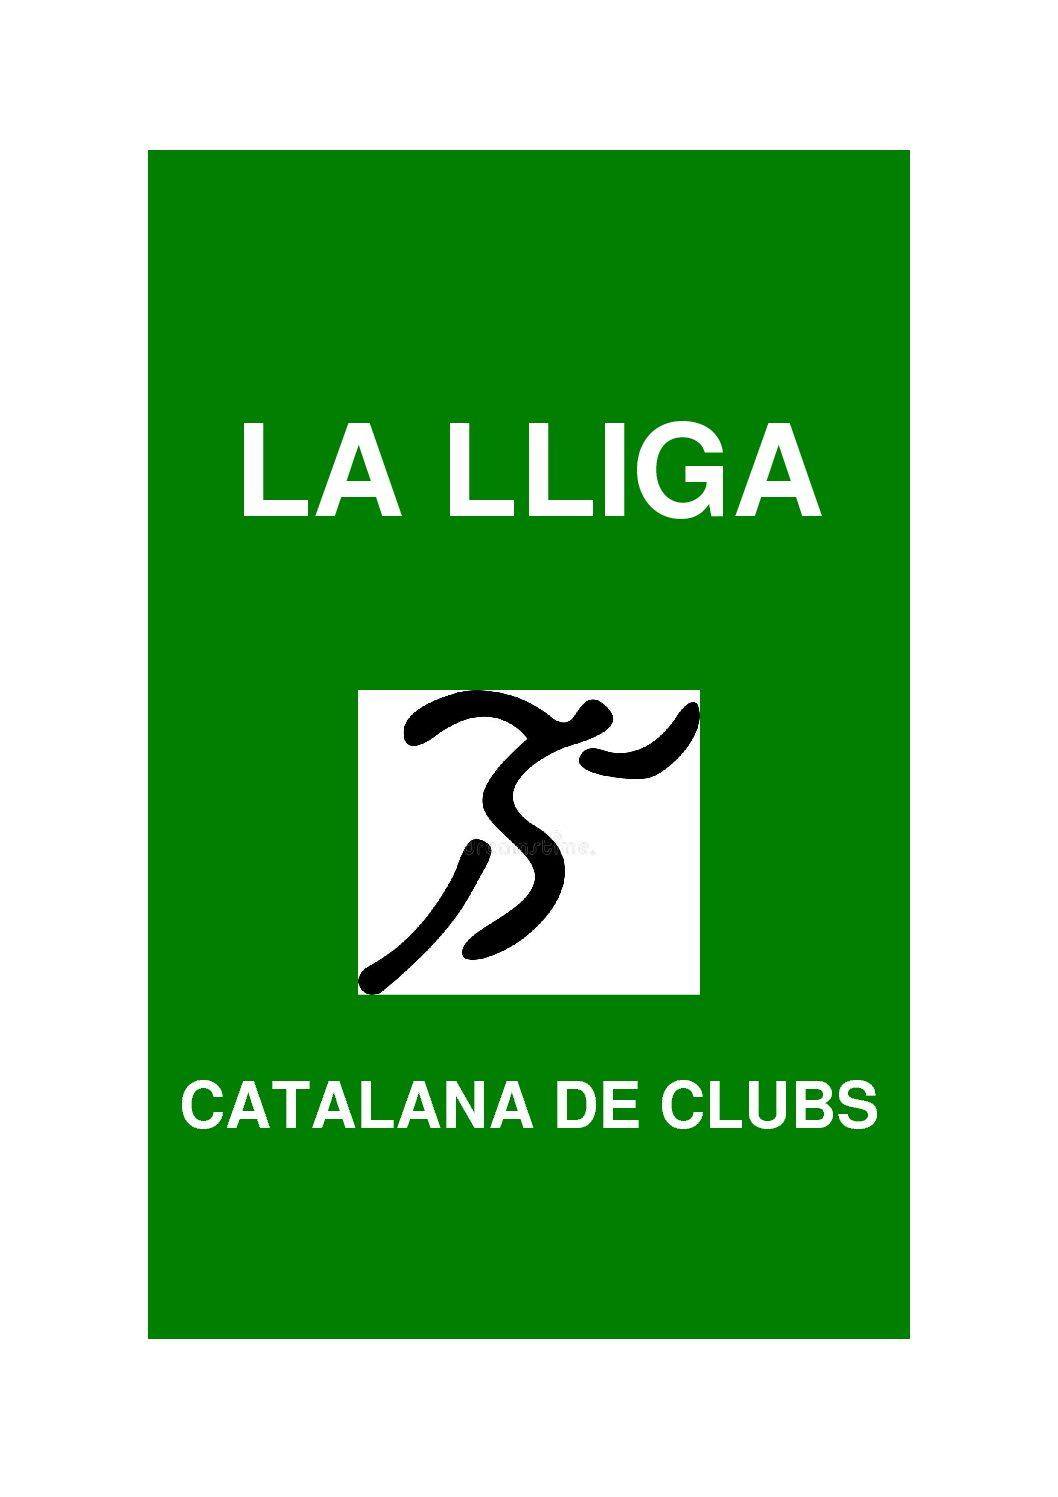 DEBUTEM A LA LLIGA CATALANA DE CLUBS